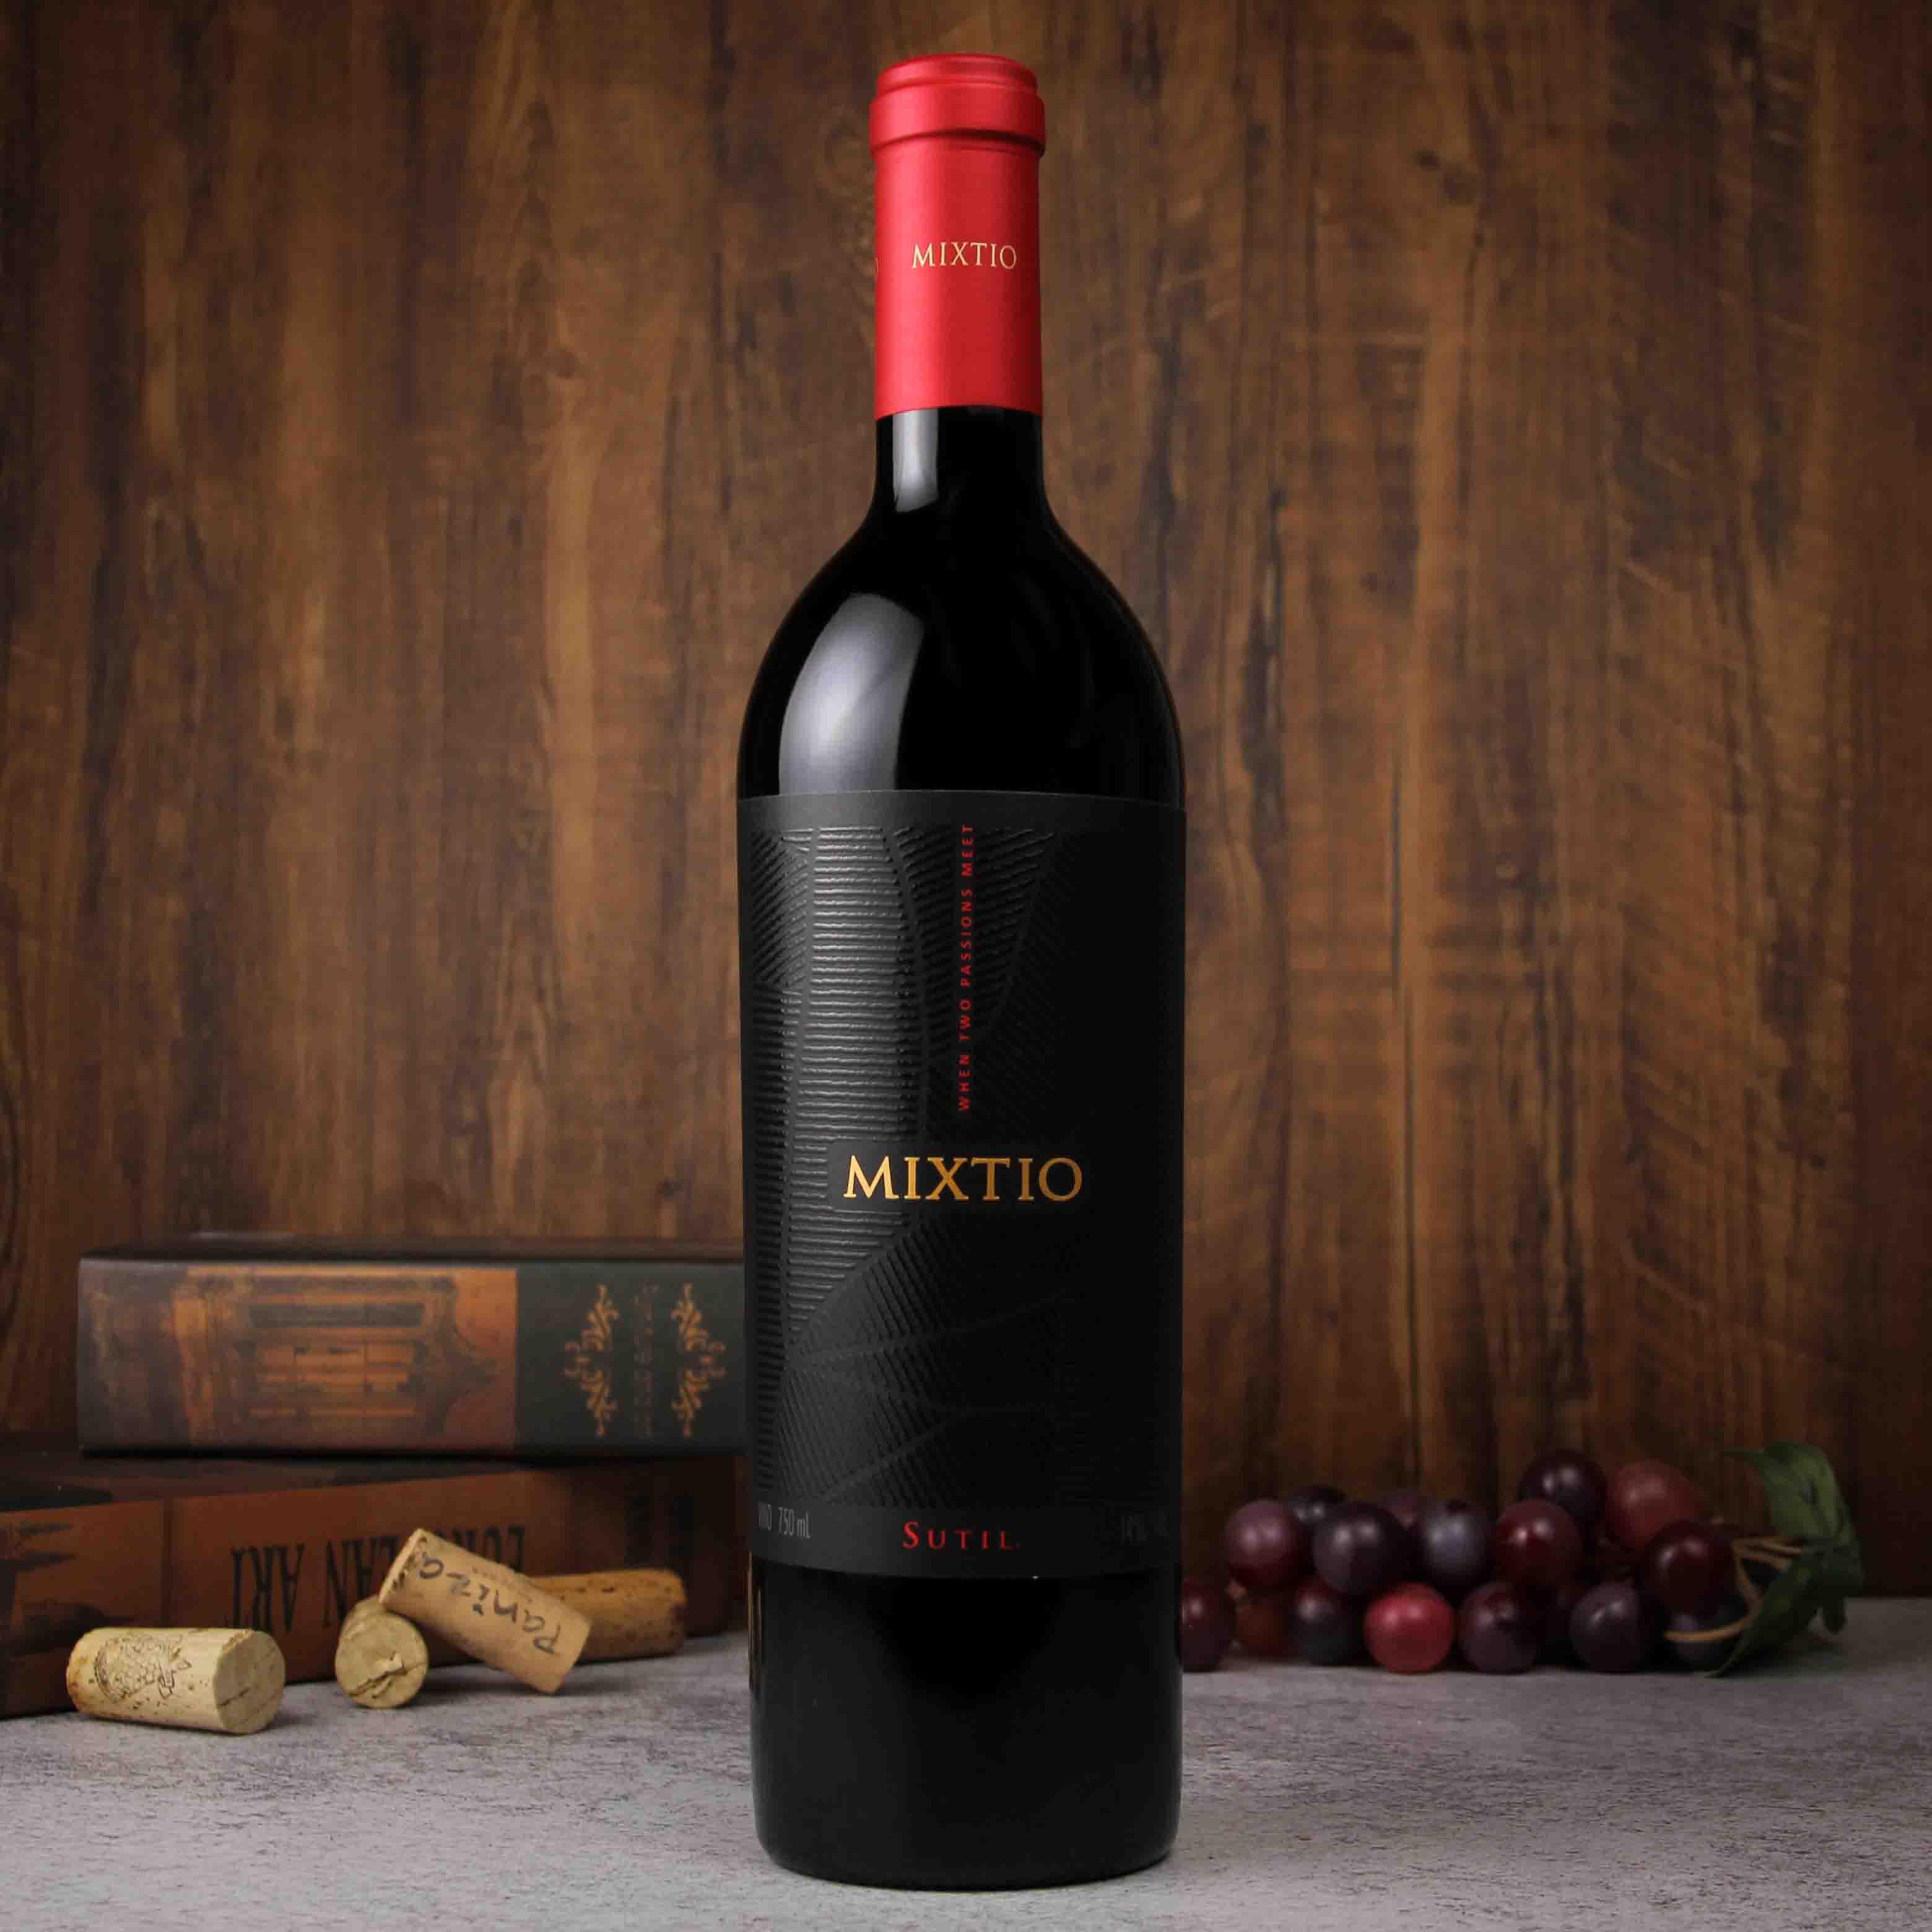 智利科尓查瓜谷苏蒂尔谜题混酿干红葡萄酒